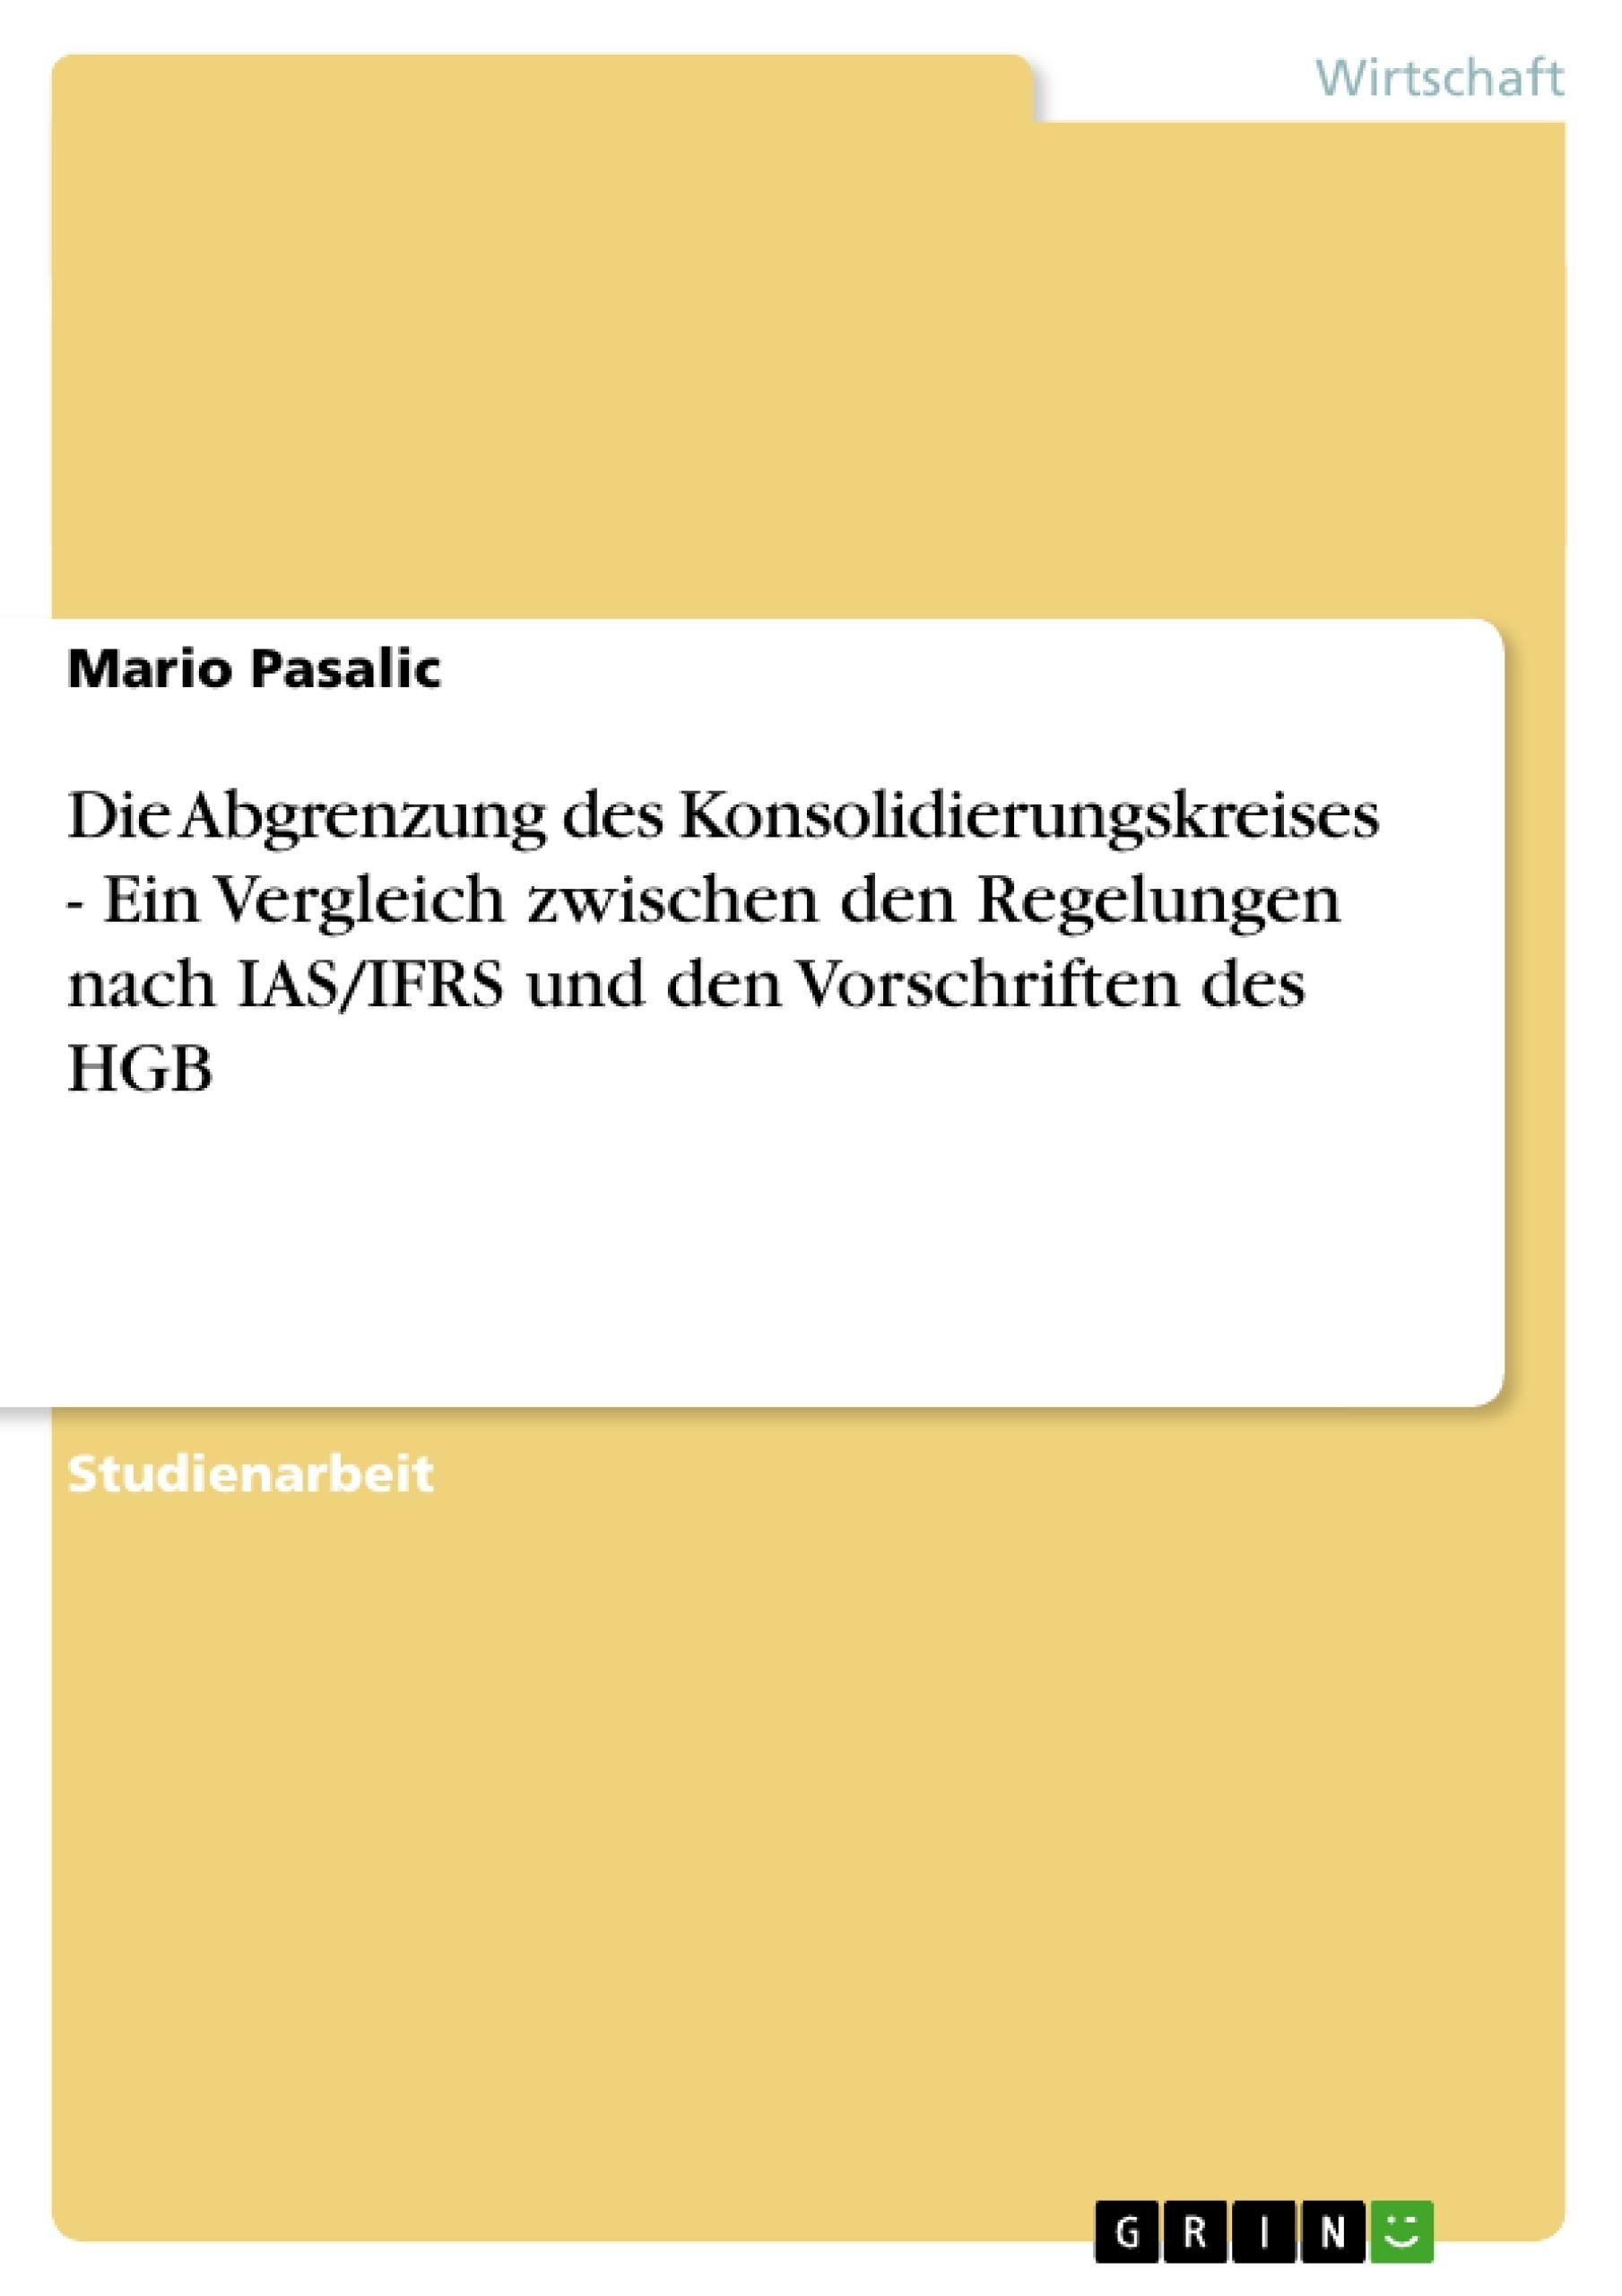 Titel: Die Abgrenzung des Konsolidierungskreises - Ein Vergleich zwischen den Regelungen nach IAS/IFRS und den Vorschriften des HGB